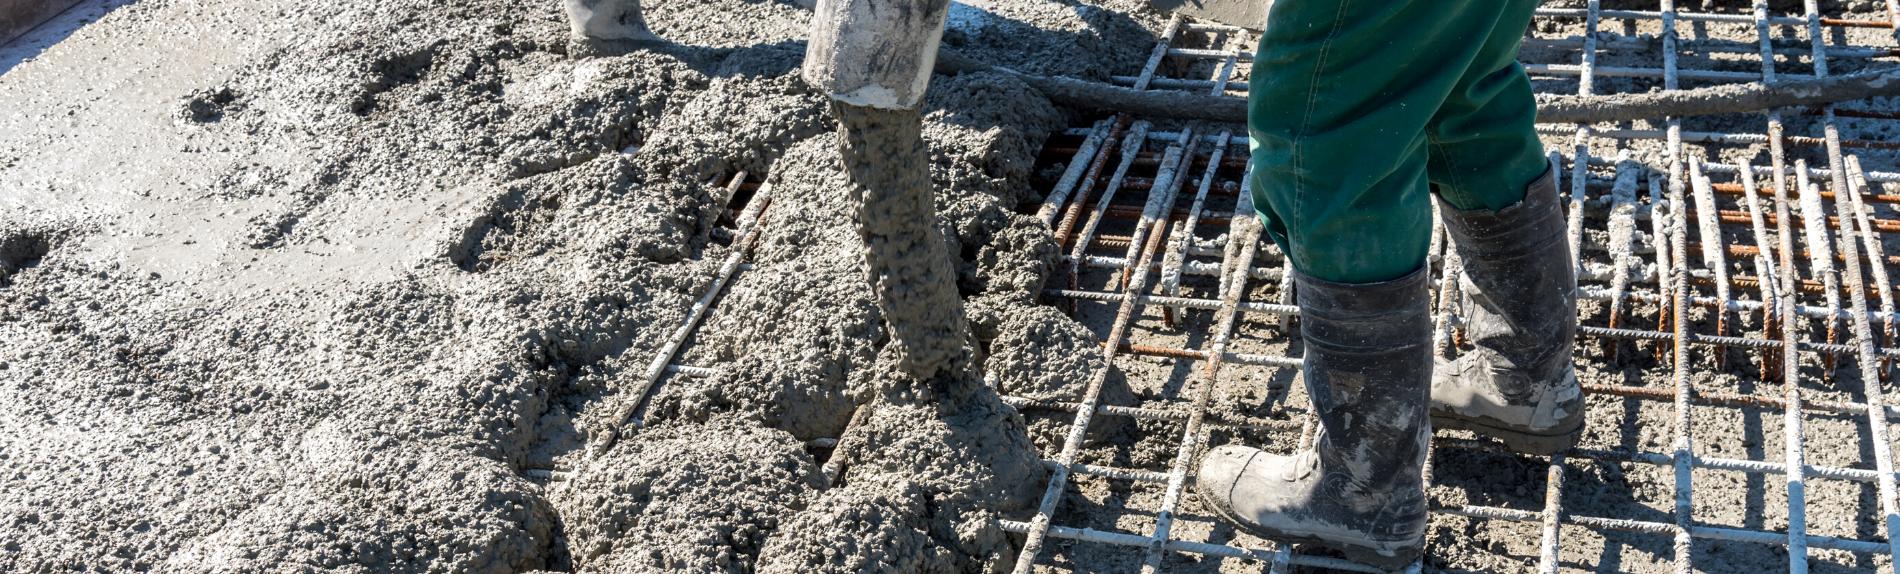 Бетоне b35 показатели компонентов бетонной смеси